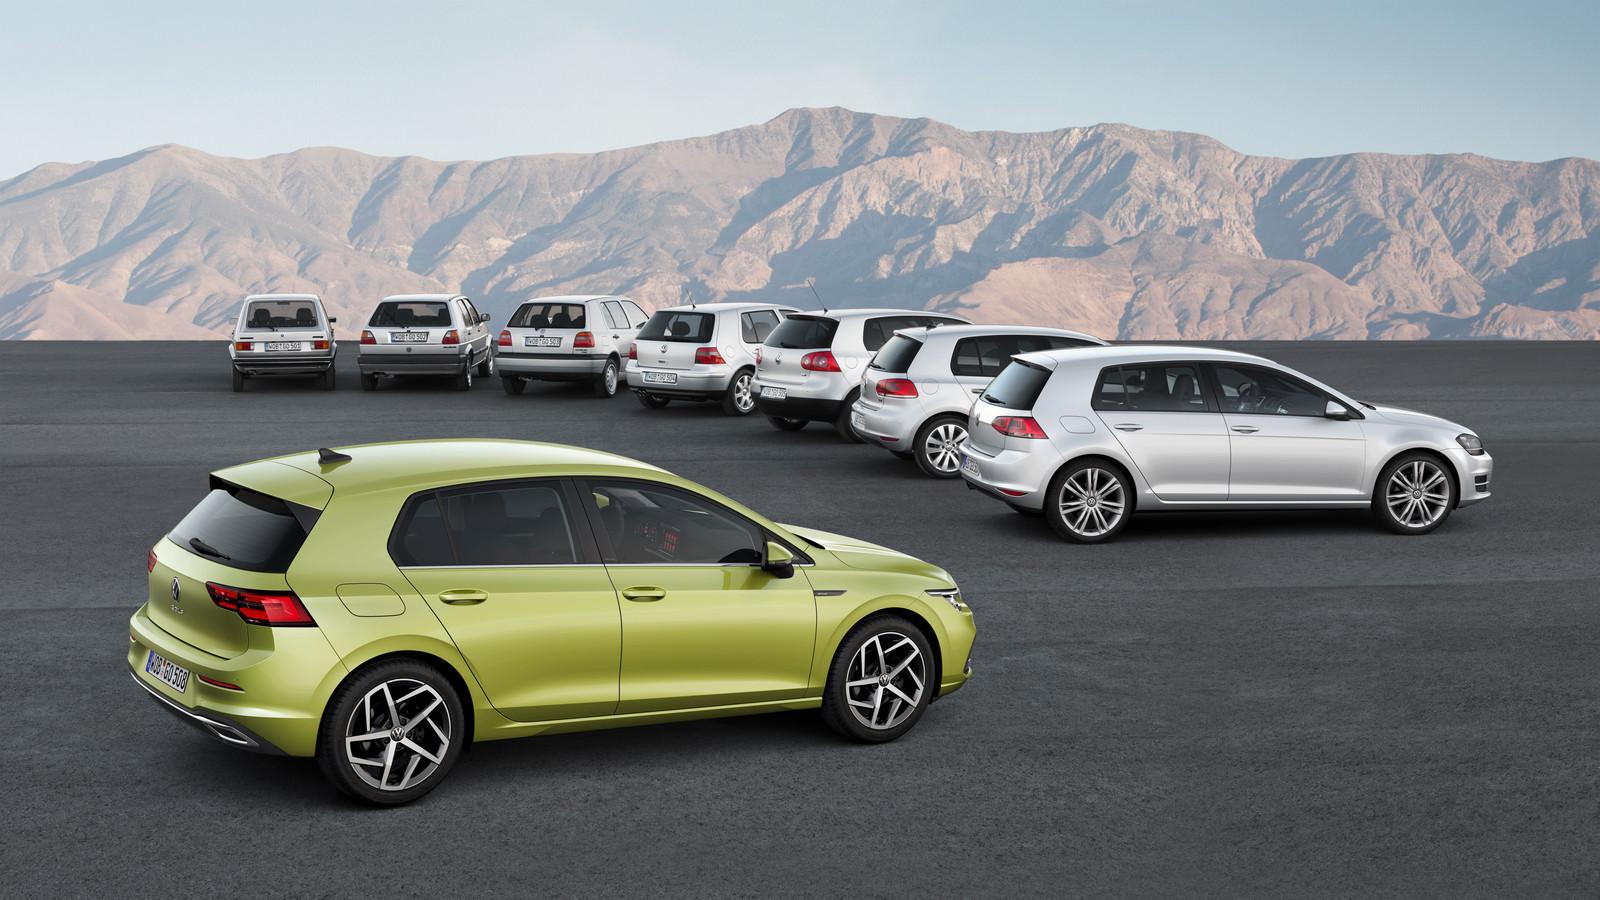 De Volkswagen Golf 8 met zijn zeven voorgangers.